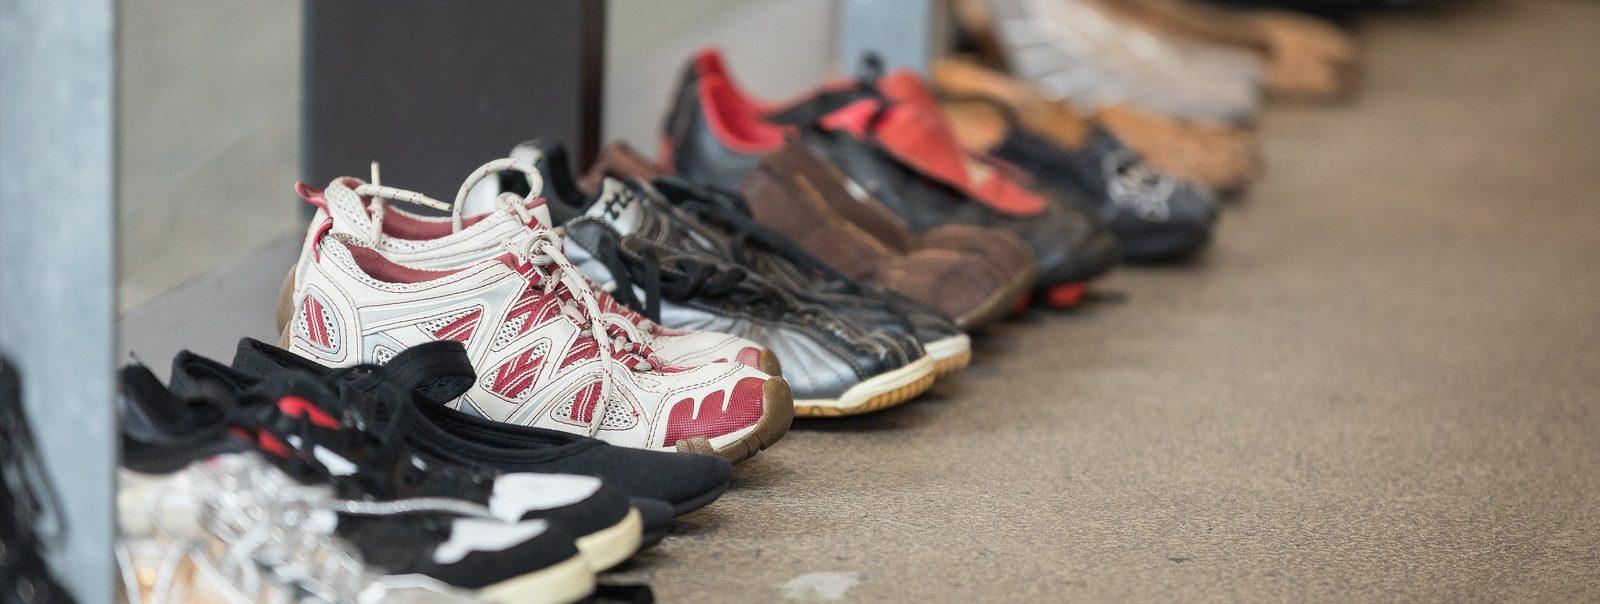 Unrest shoes